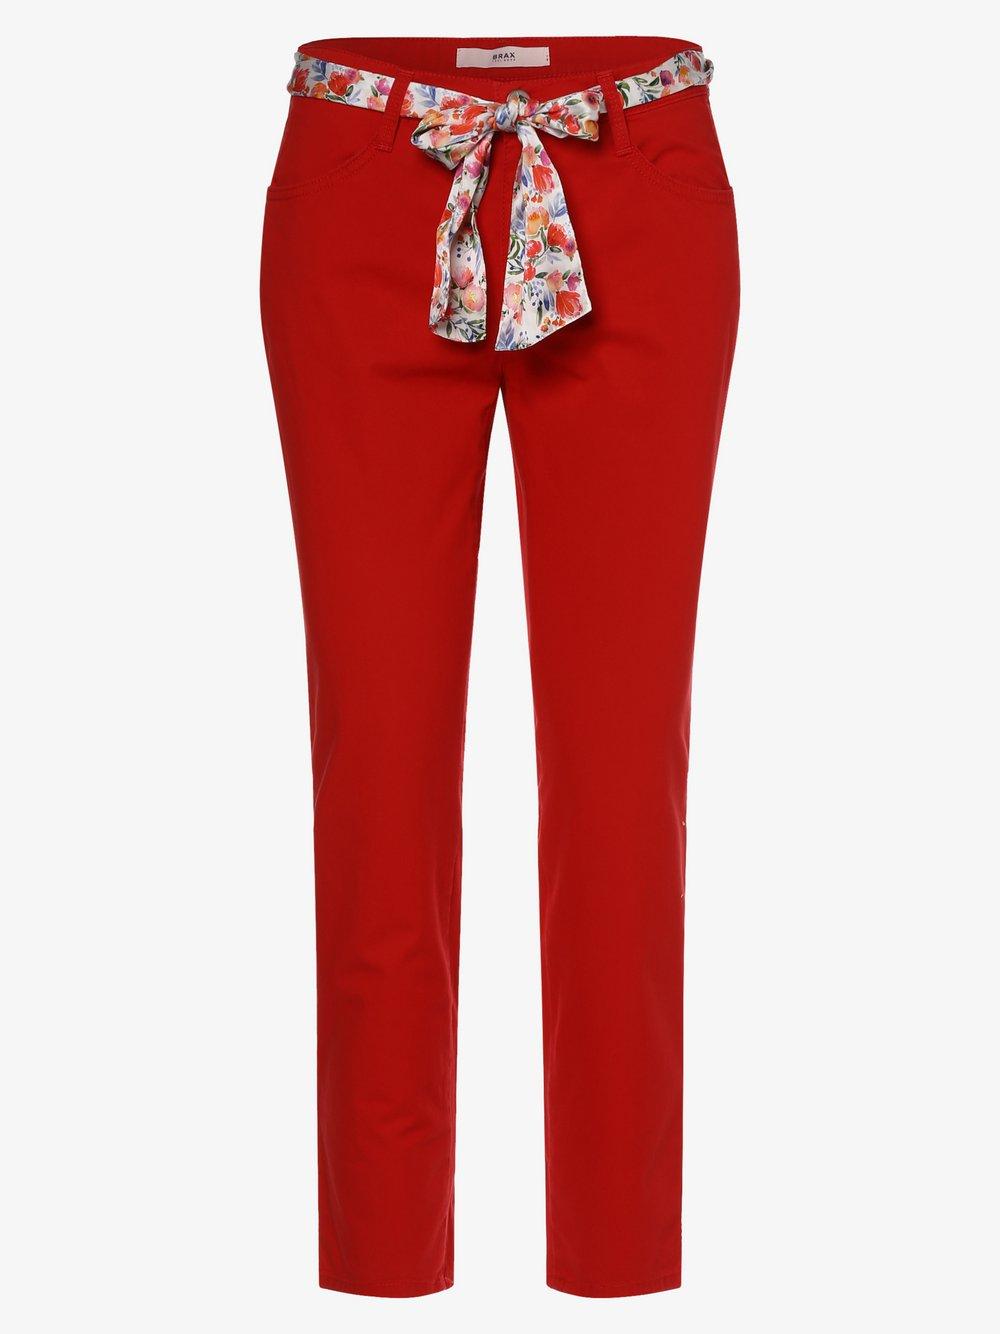 BRAX - Spodnie damskie – Sara S, czerwony